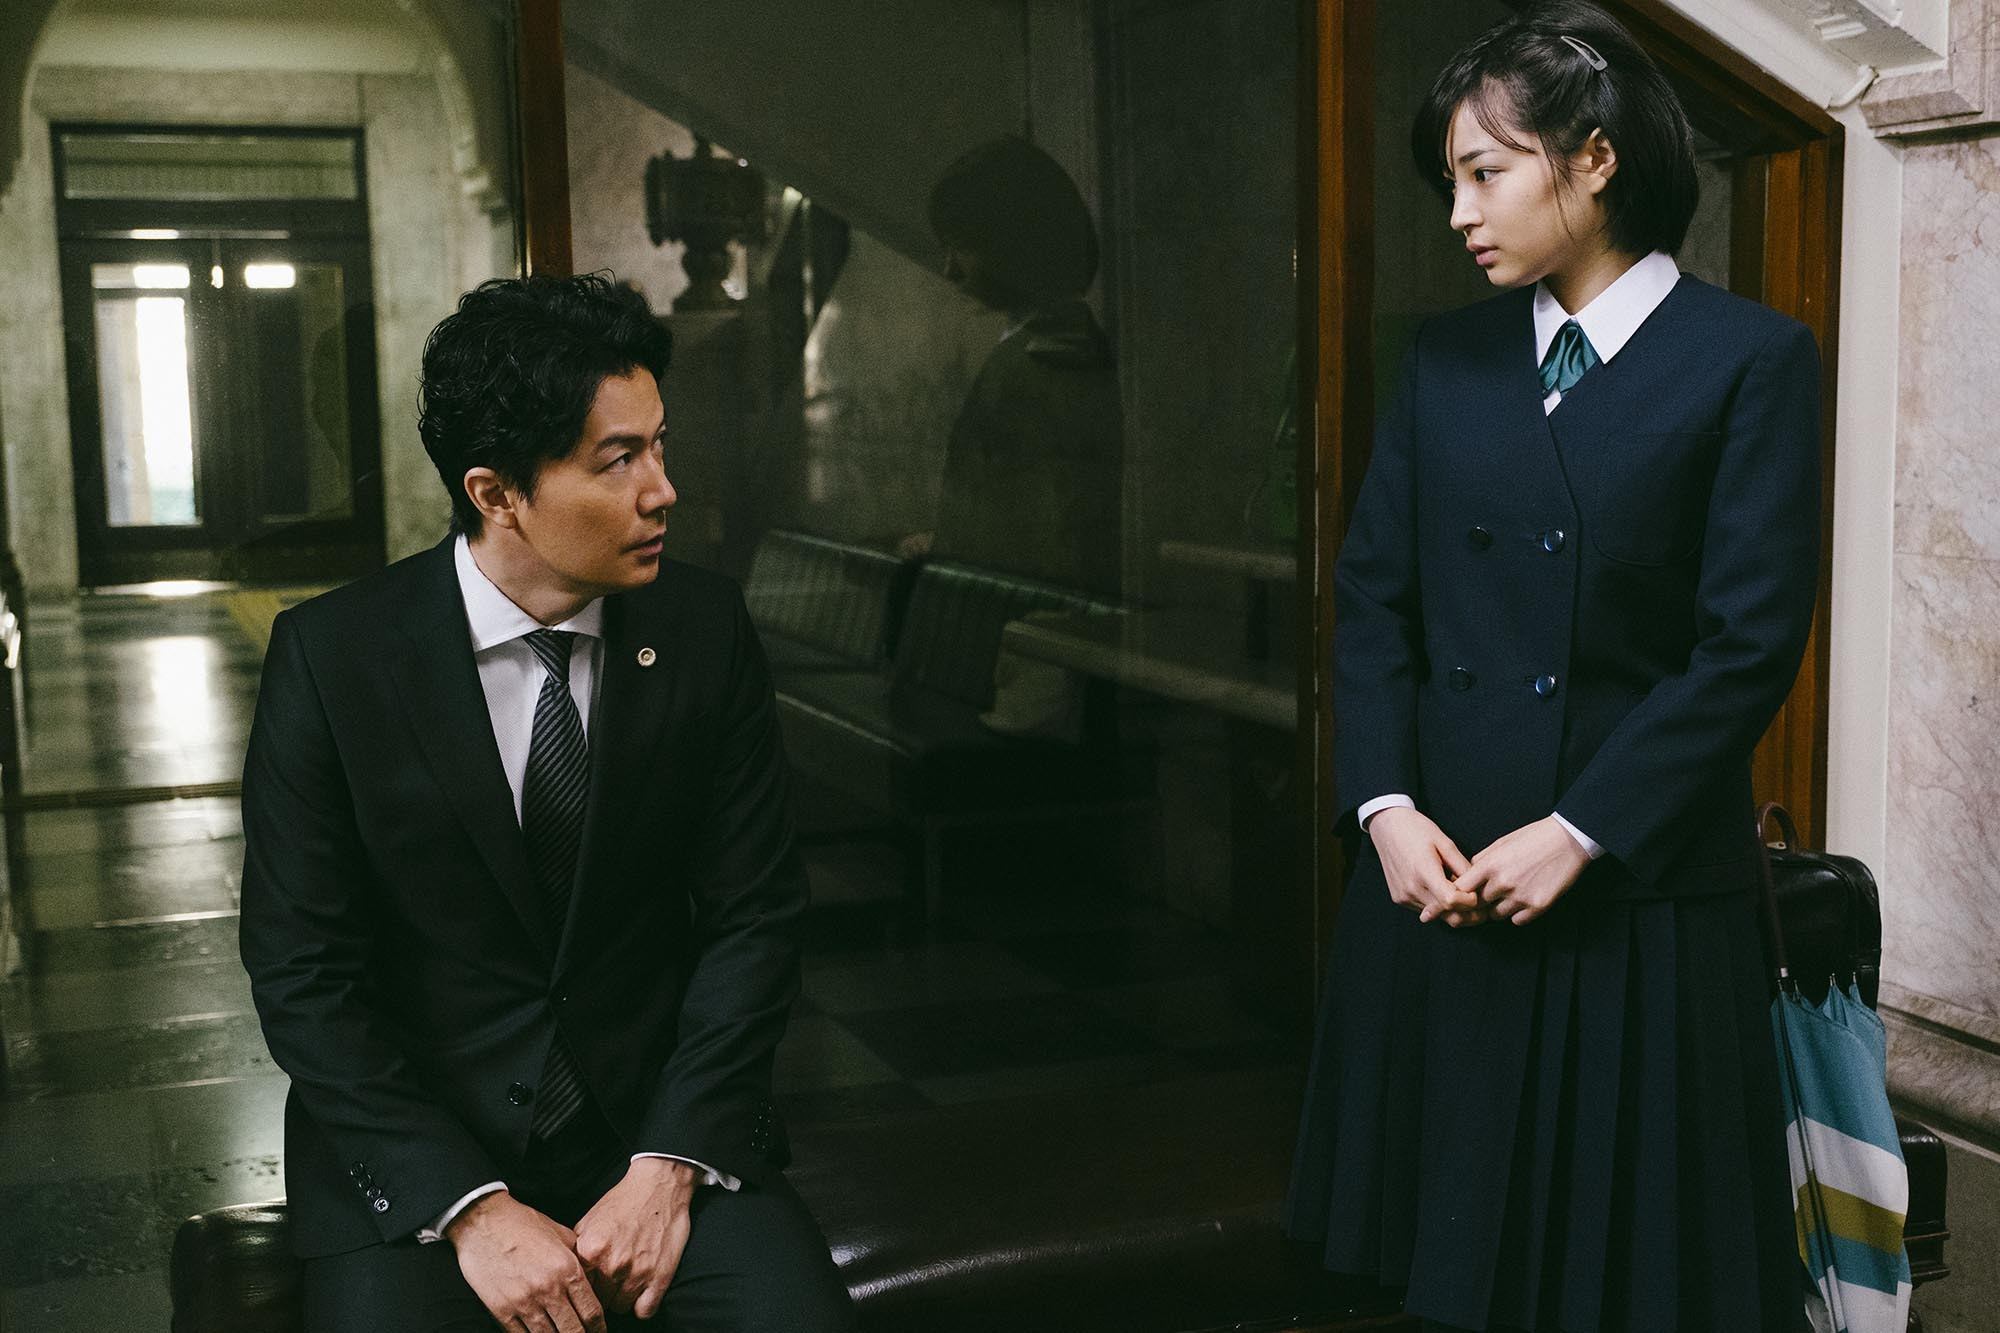 日本悬疑电影《第三度嫌疑人》用自己的死保护了那仅有的一丝人性 (4)